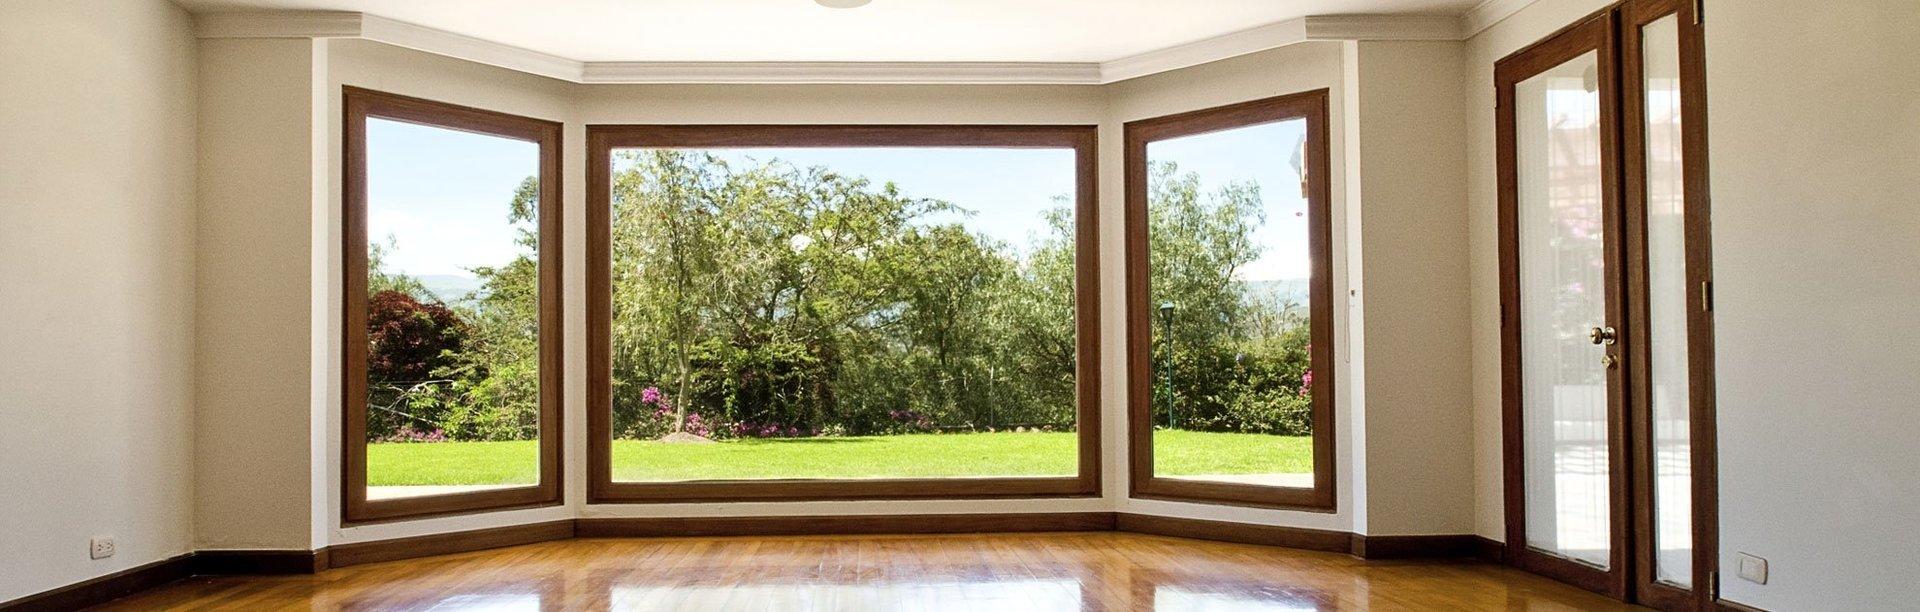 stanza con finestre sul giardino